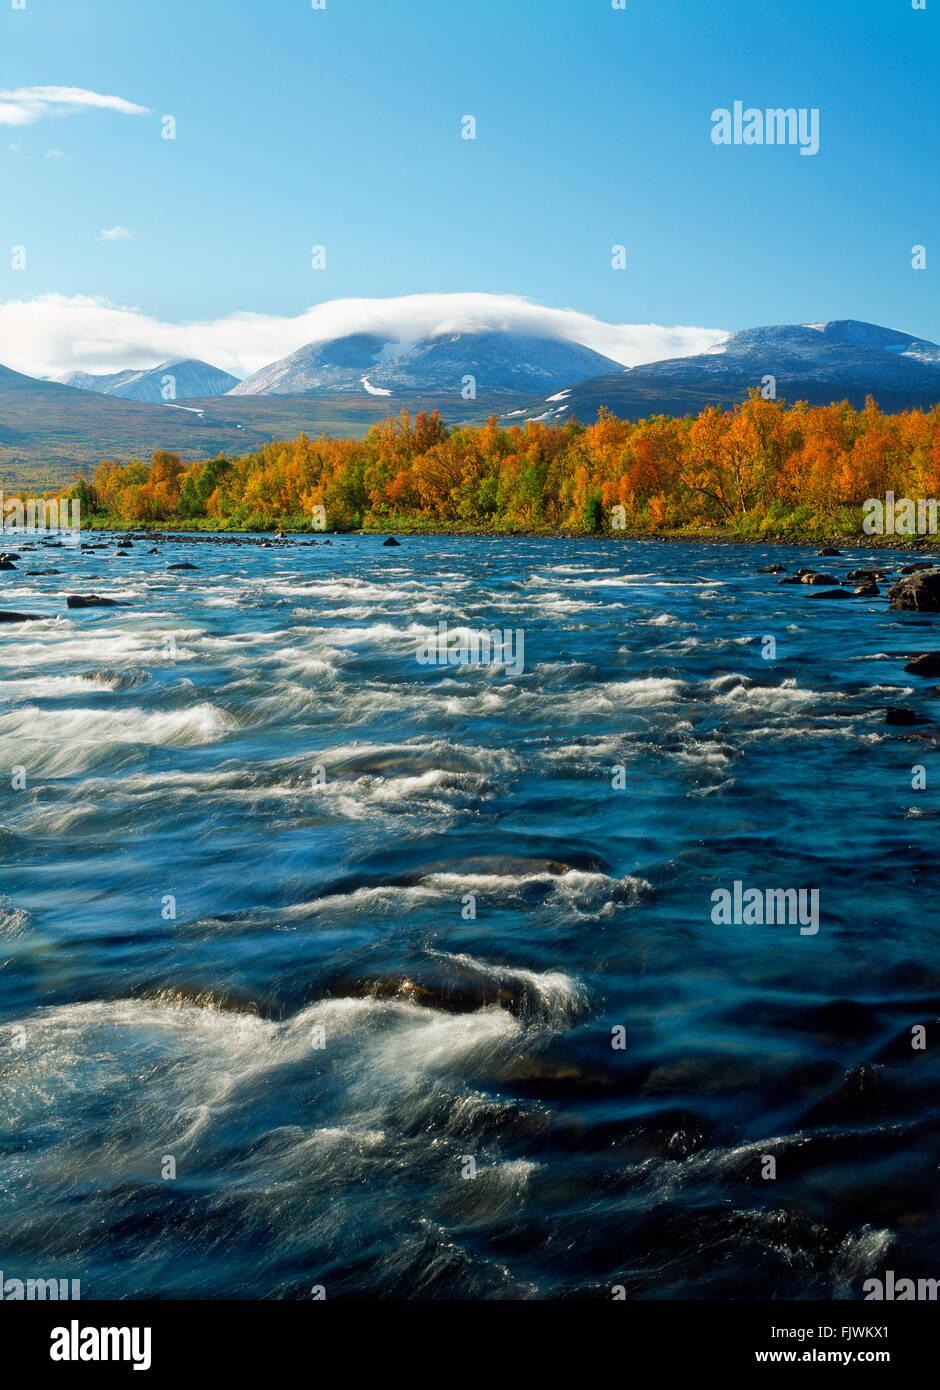 Abisko River in Abisko National Park in Swedish Lapland - Stock Image